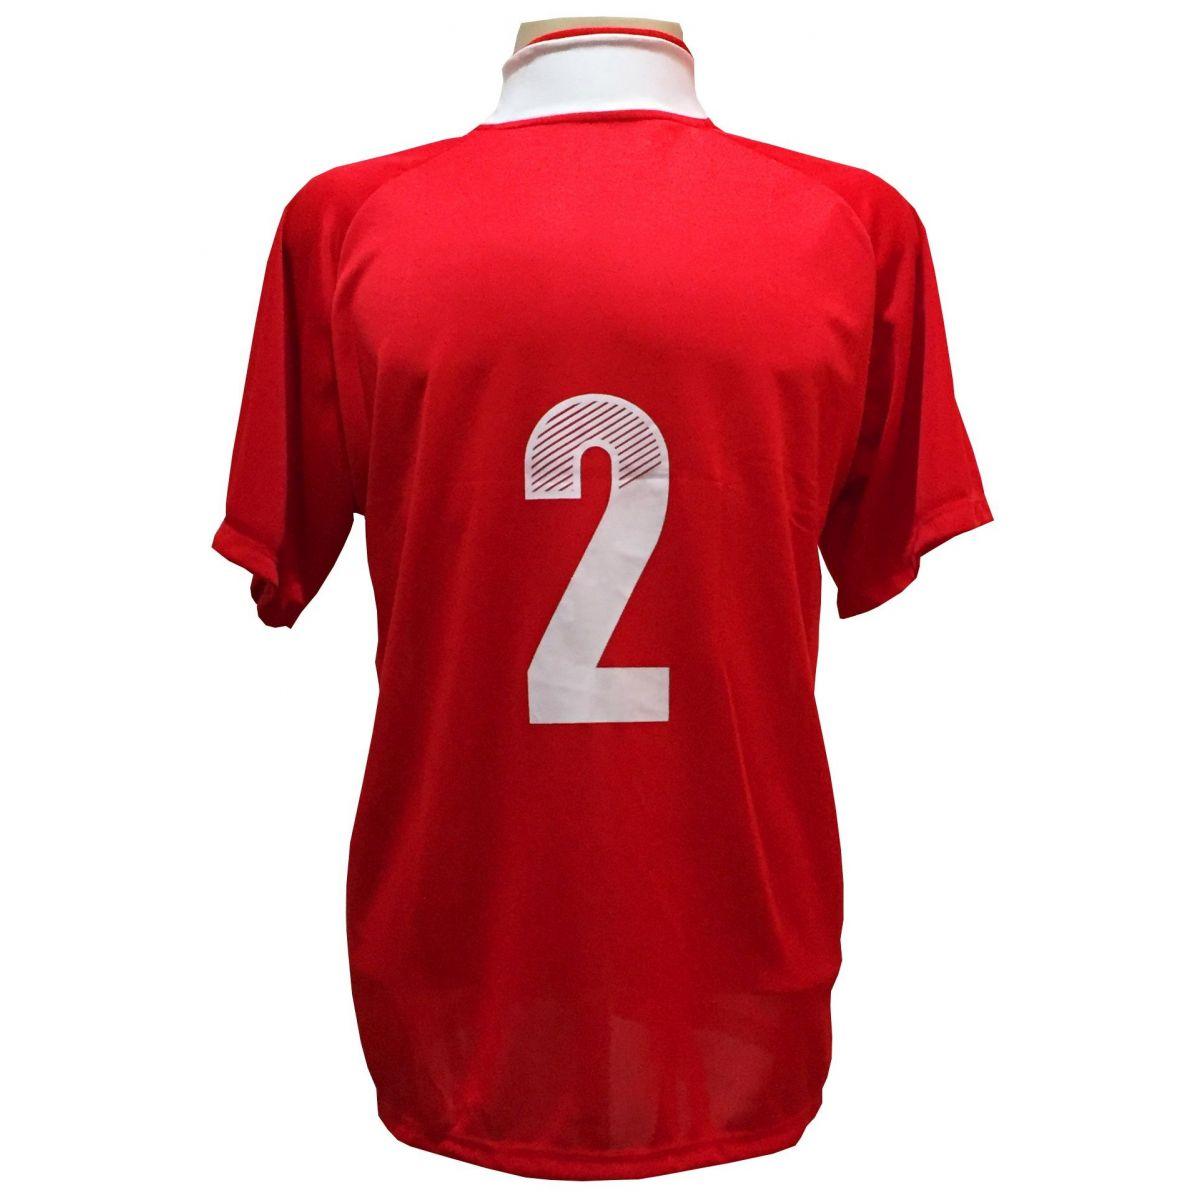 Fardamento Completo modelo Milan Vermelho/Branco 12+1 (12 camisas + 12 calções + 13 pares de meiões + 1 conjunto de goleiro) + Brindes